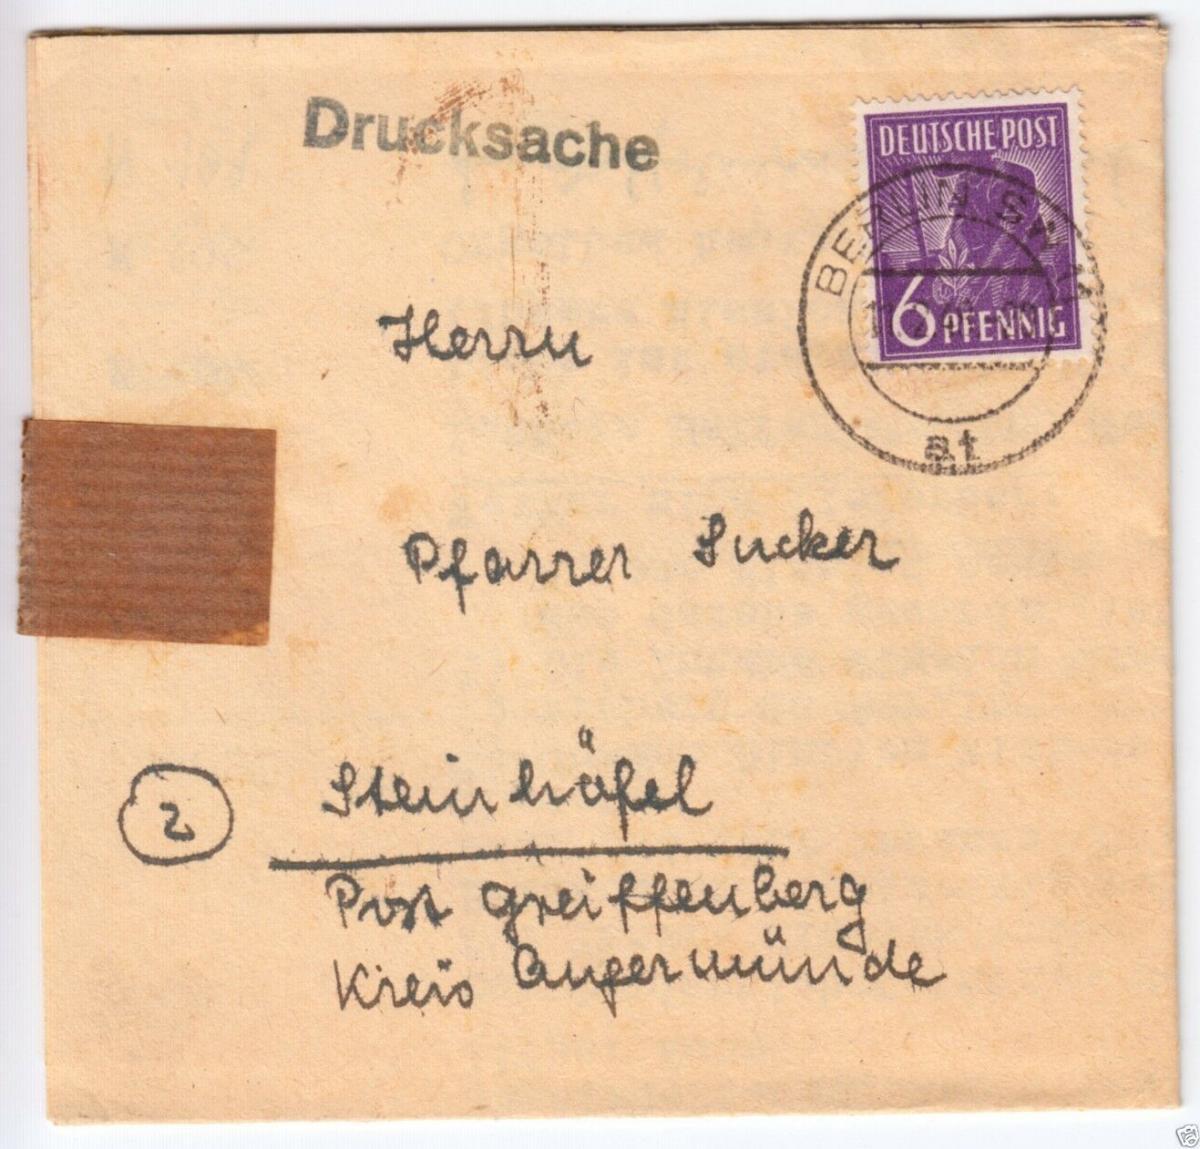 Drucksache, Mi-Nr. Einheit 944 EF, o Berlin SW 11, 11.2.48